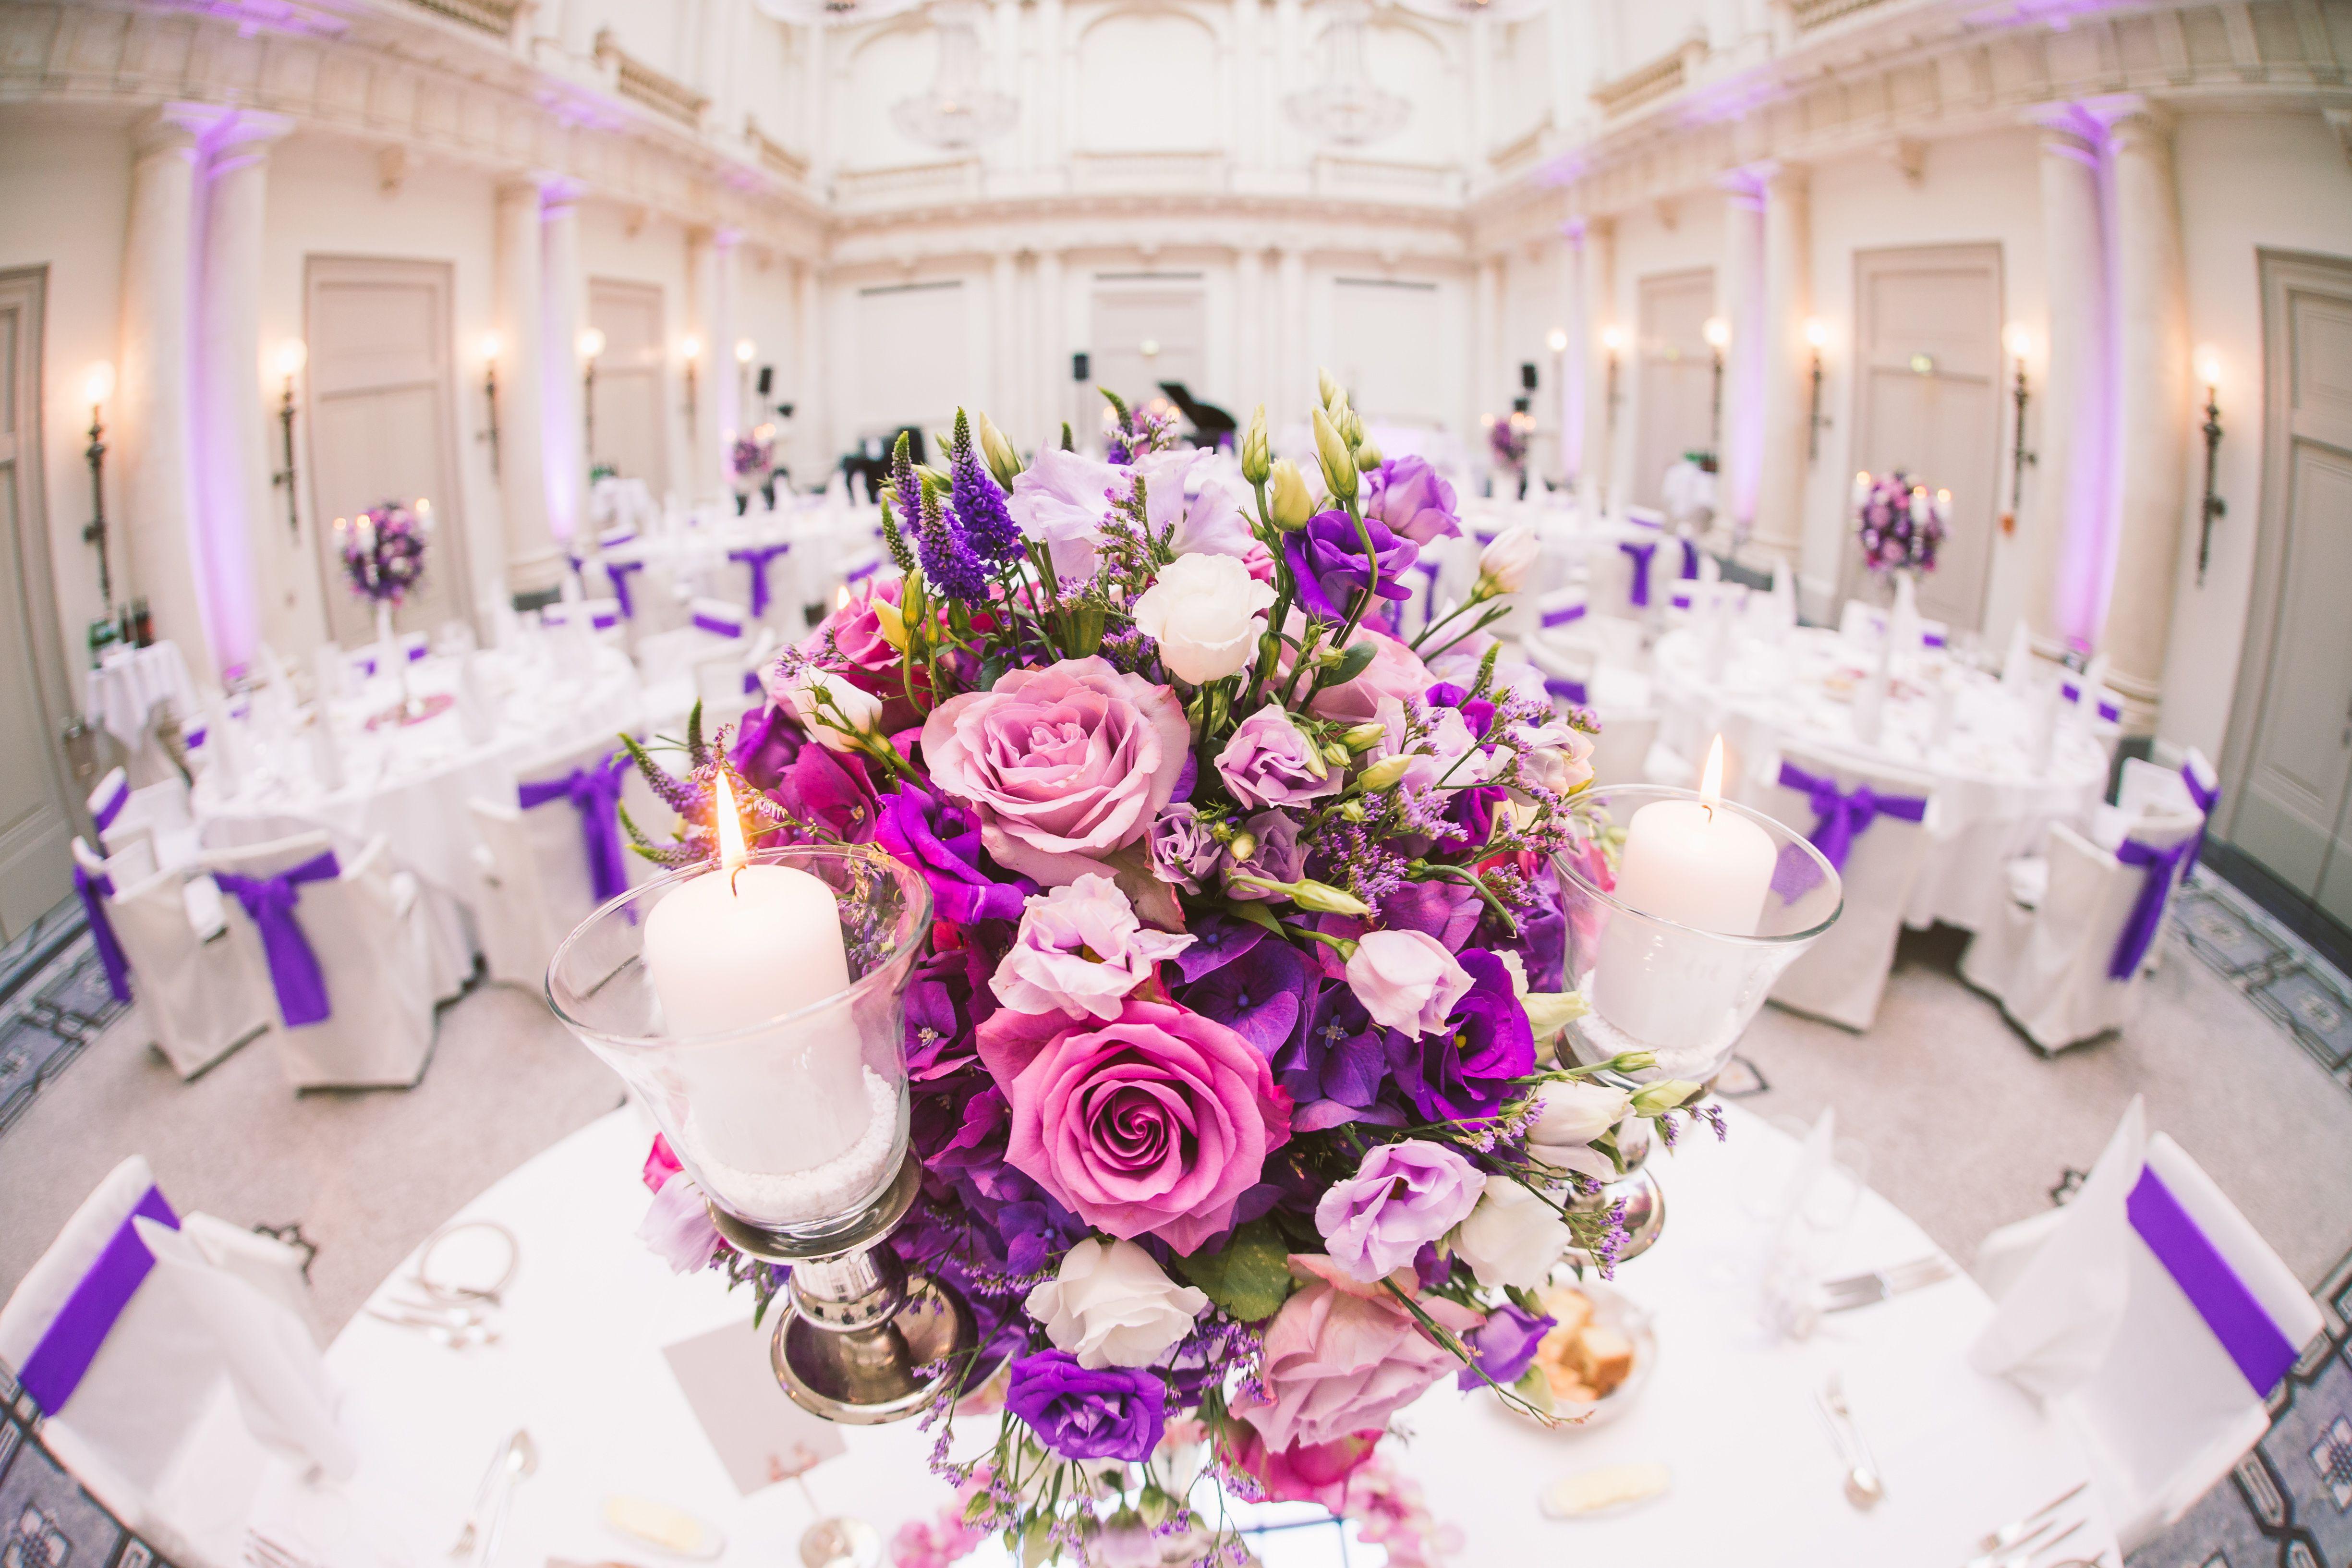 Tischdekoration Hochzeit Lila 9 Hochzeitsfeier Tischdeko Blumen